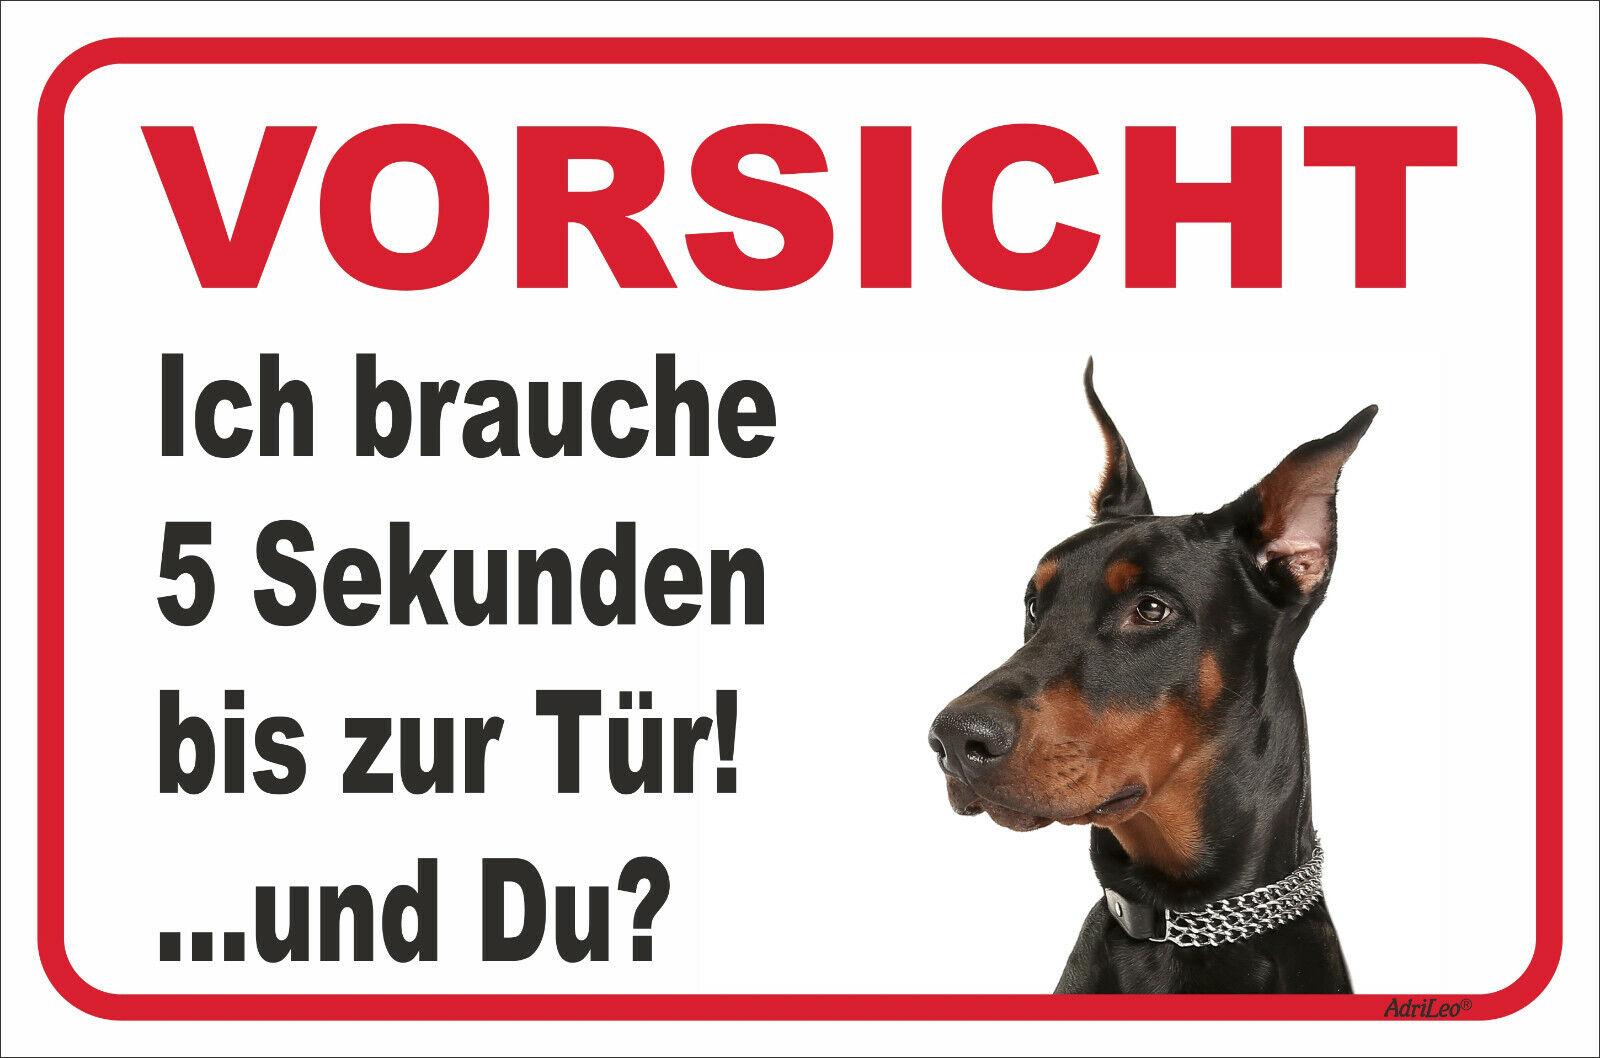 20x30cm Vorsicht Bissiger Hund Achtung Aufkleber Schild Garten Gartentür T 15